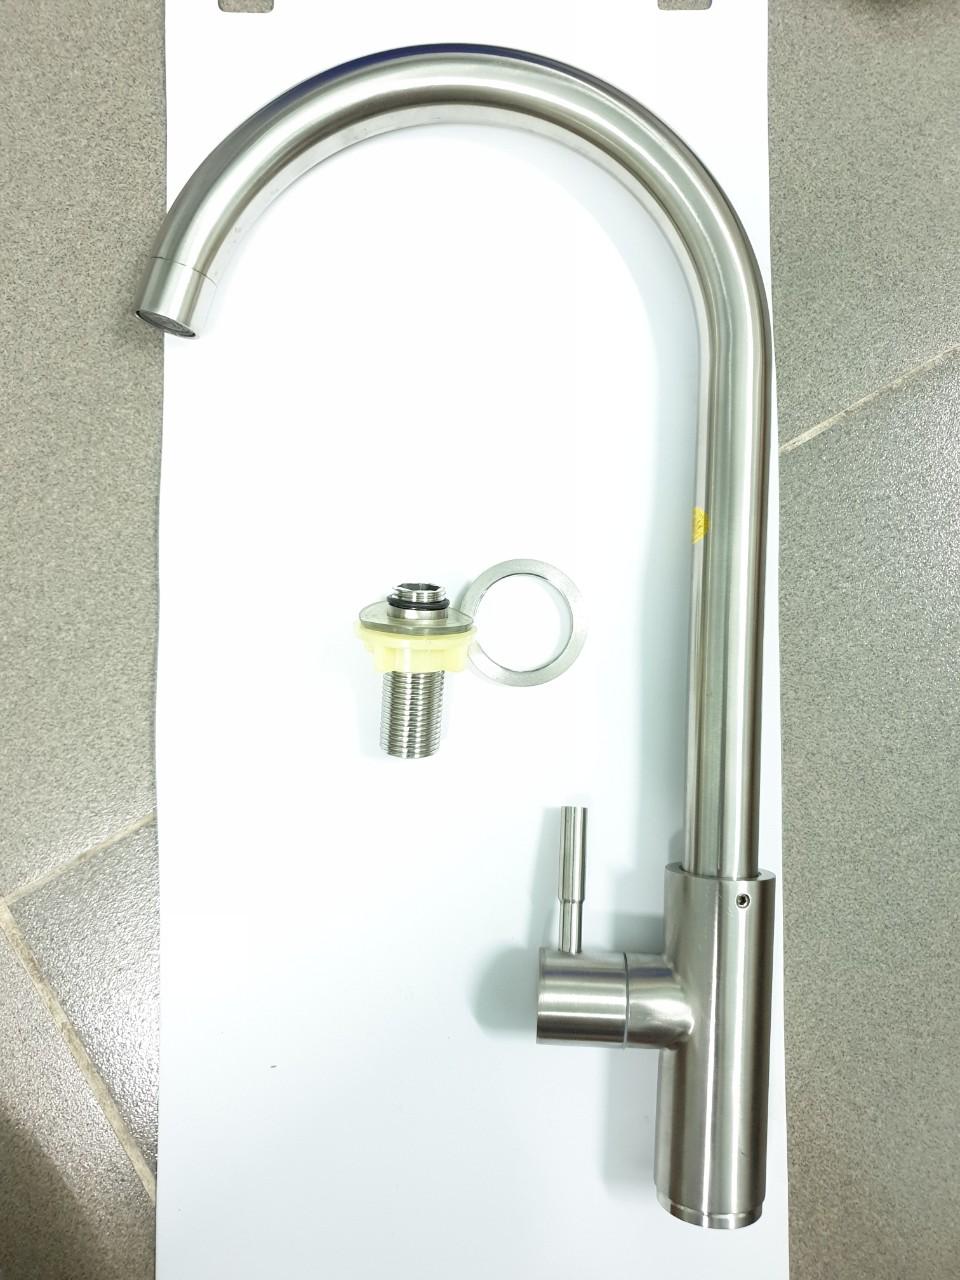 Vòi rửa bát , chén Lạnh INOX SUS 304_ vòi rửa chén lạnh inox sus304_ vòi chén lạnh inox cao cấp